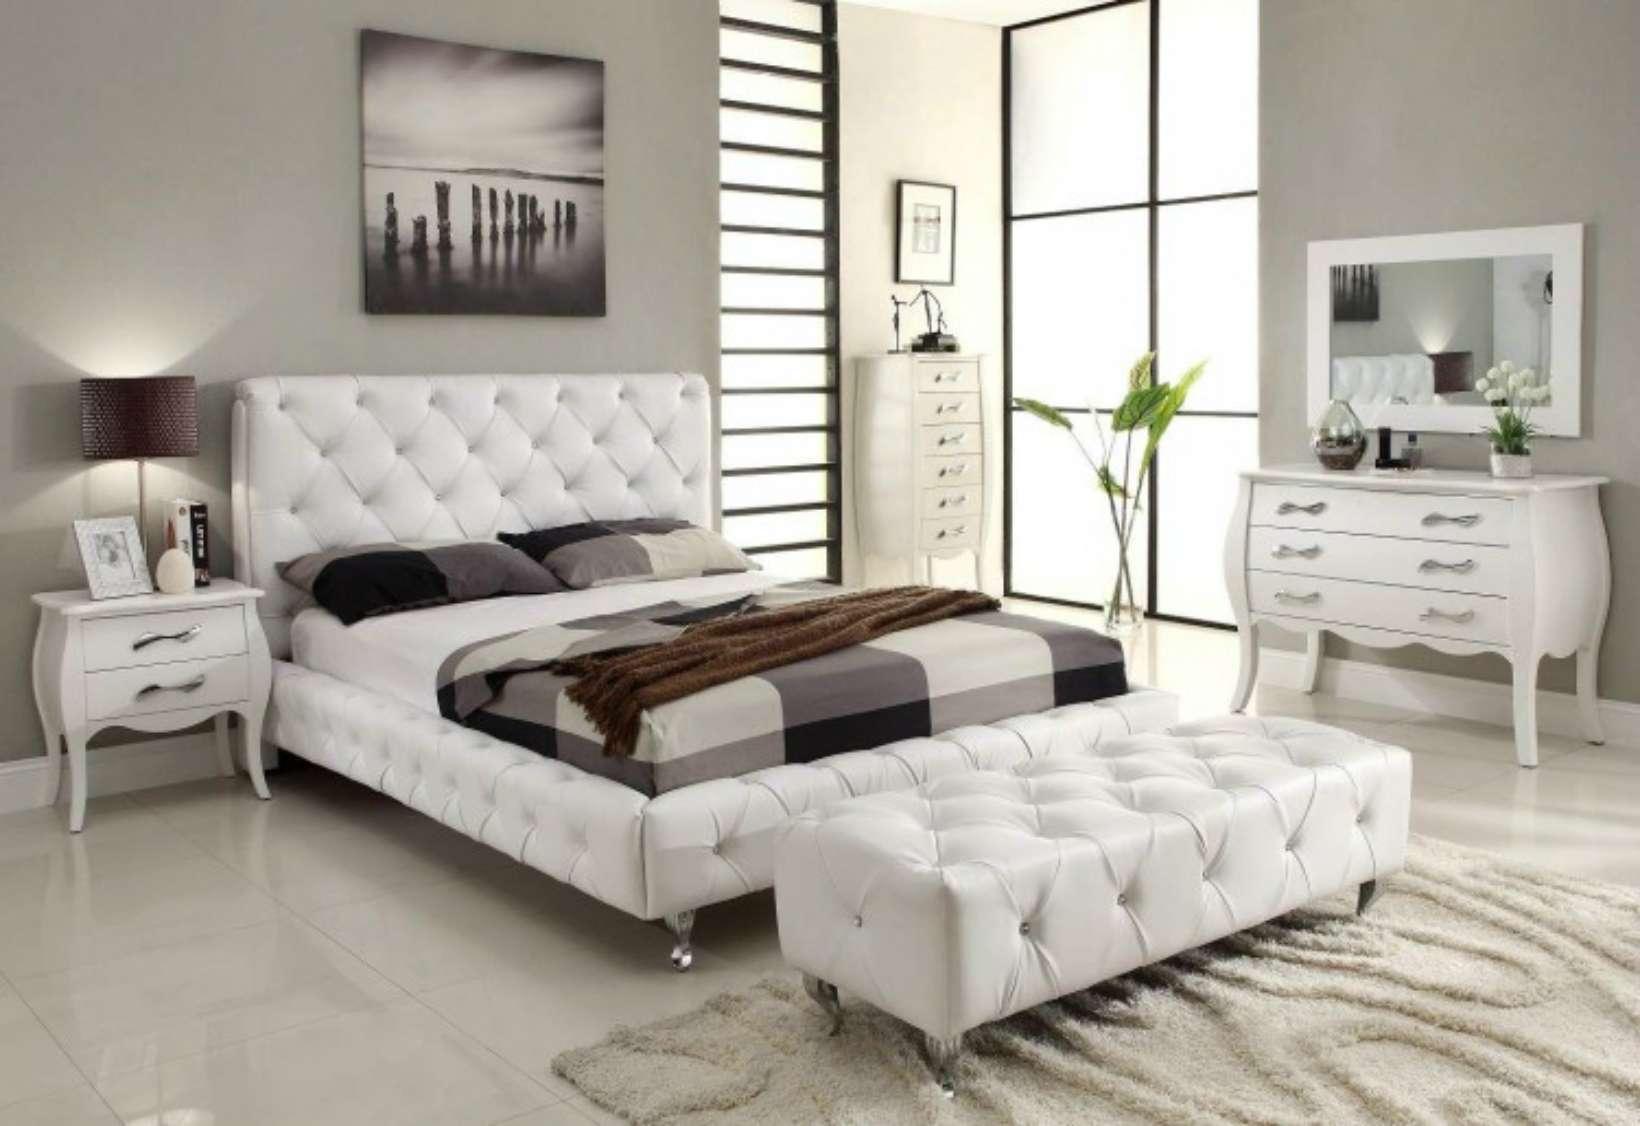 Сочетание кровати и интерьера